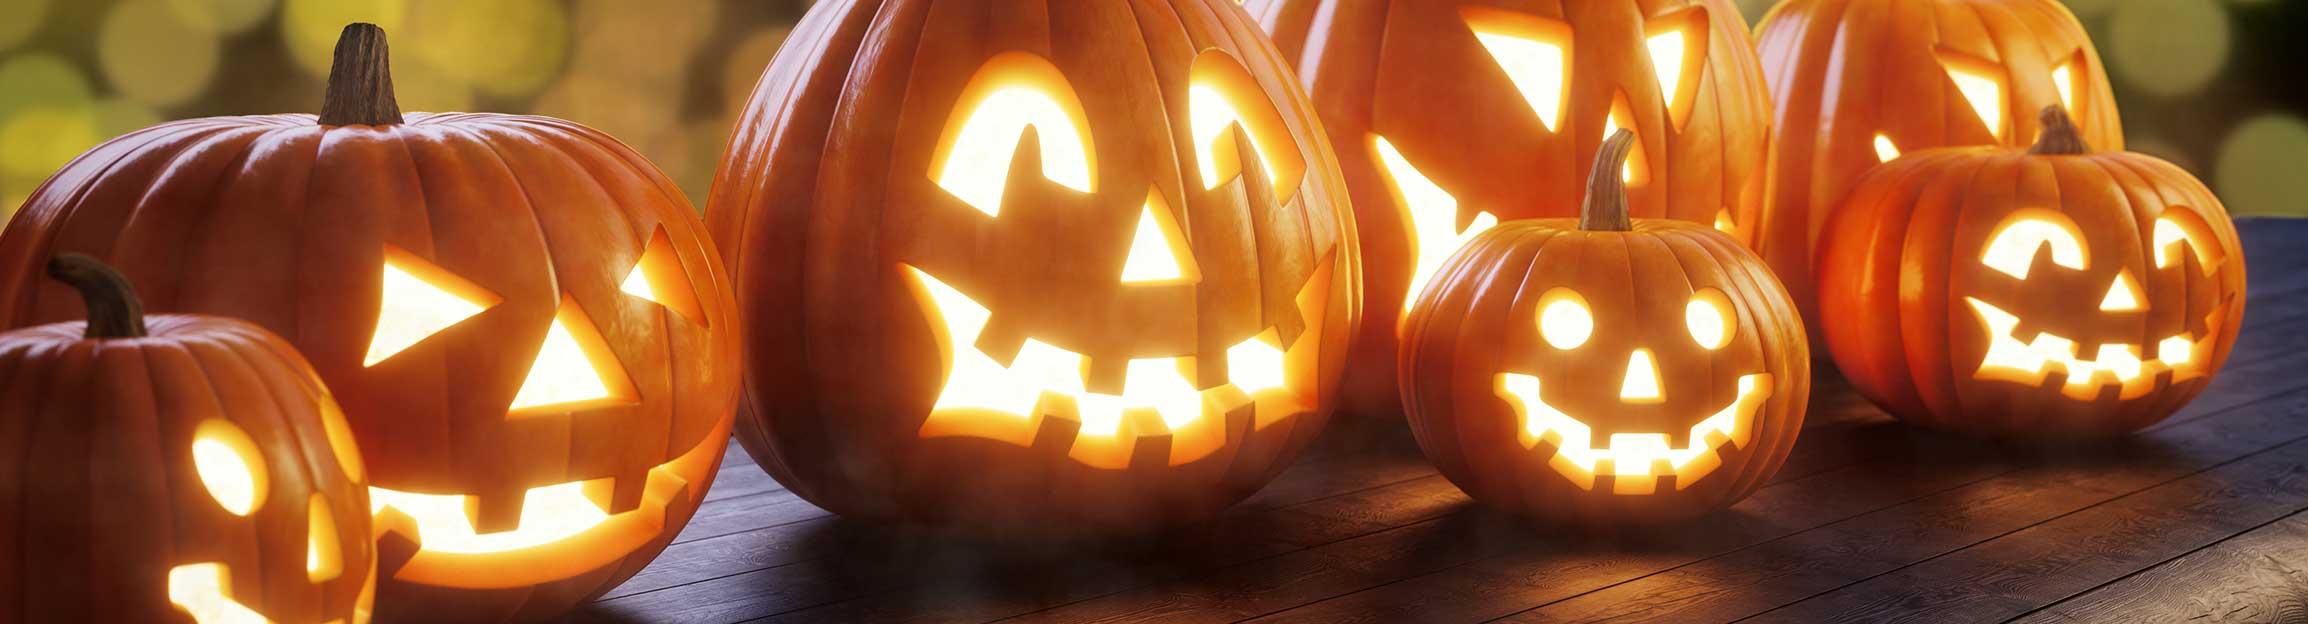 Schaurig-schöne Deko-Ideen für Halloween | Agrarfrost